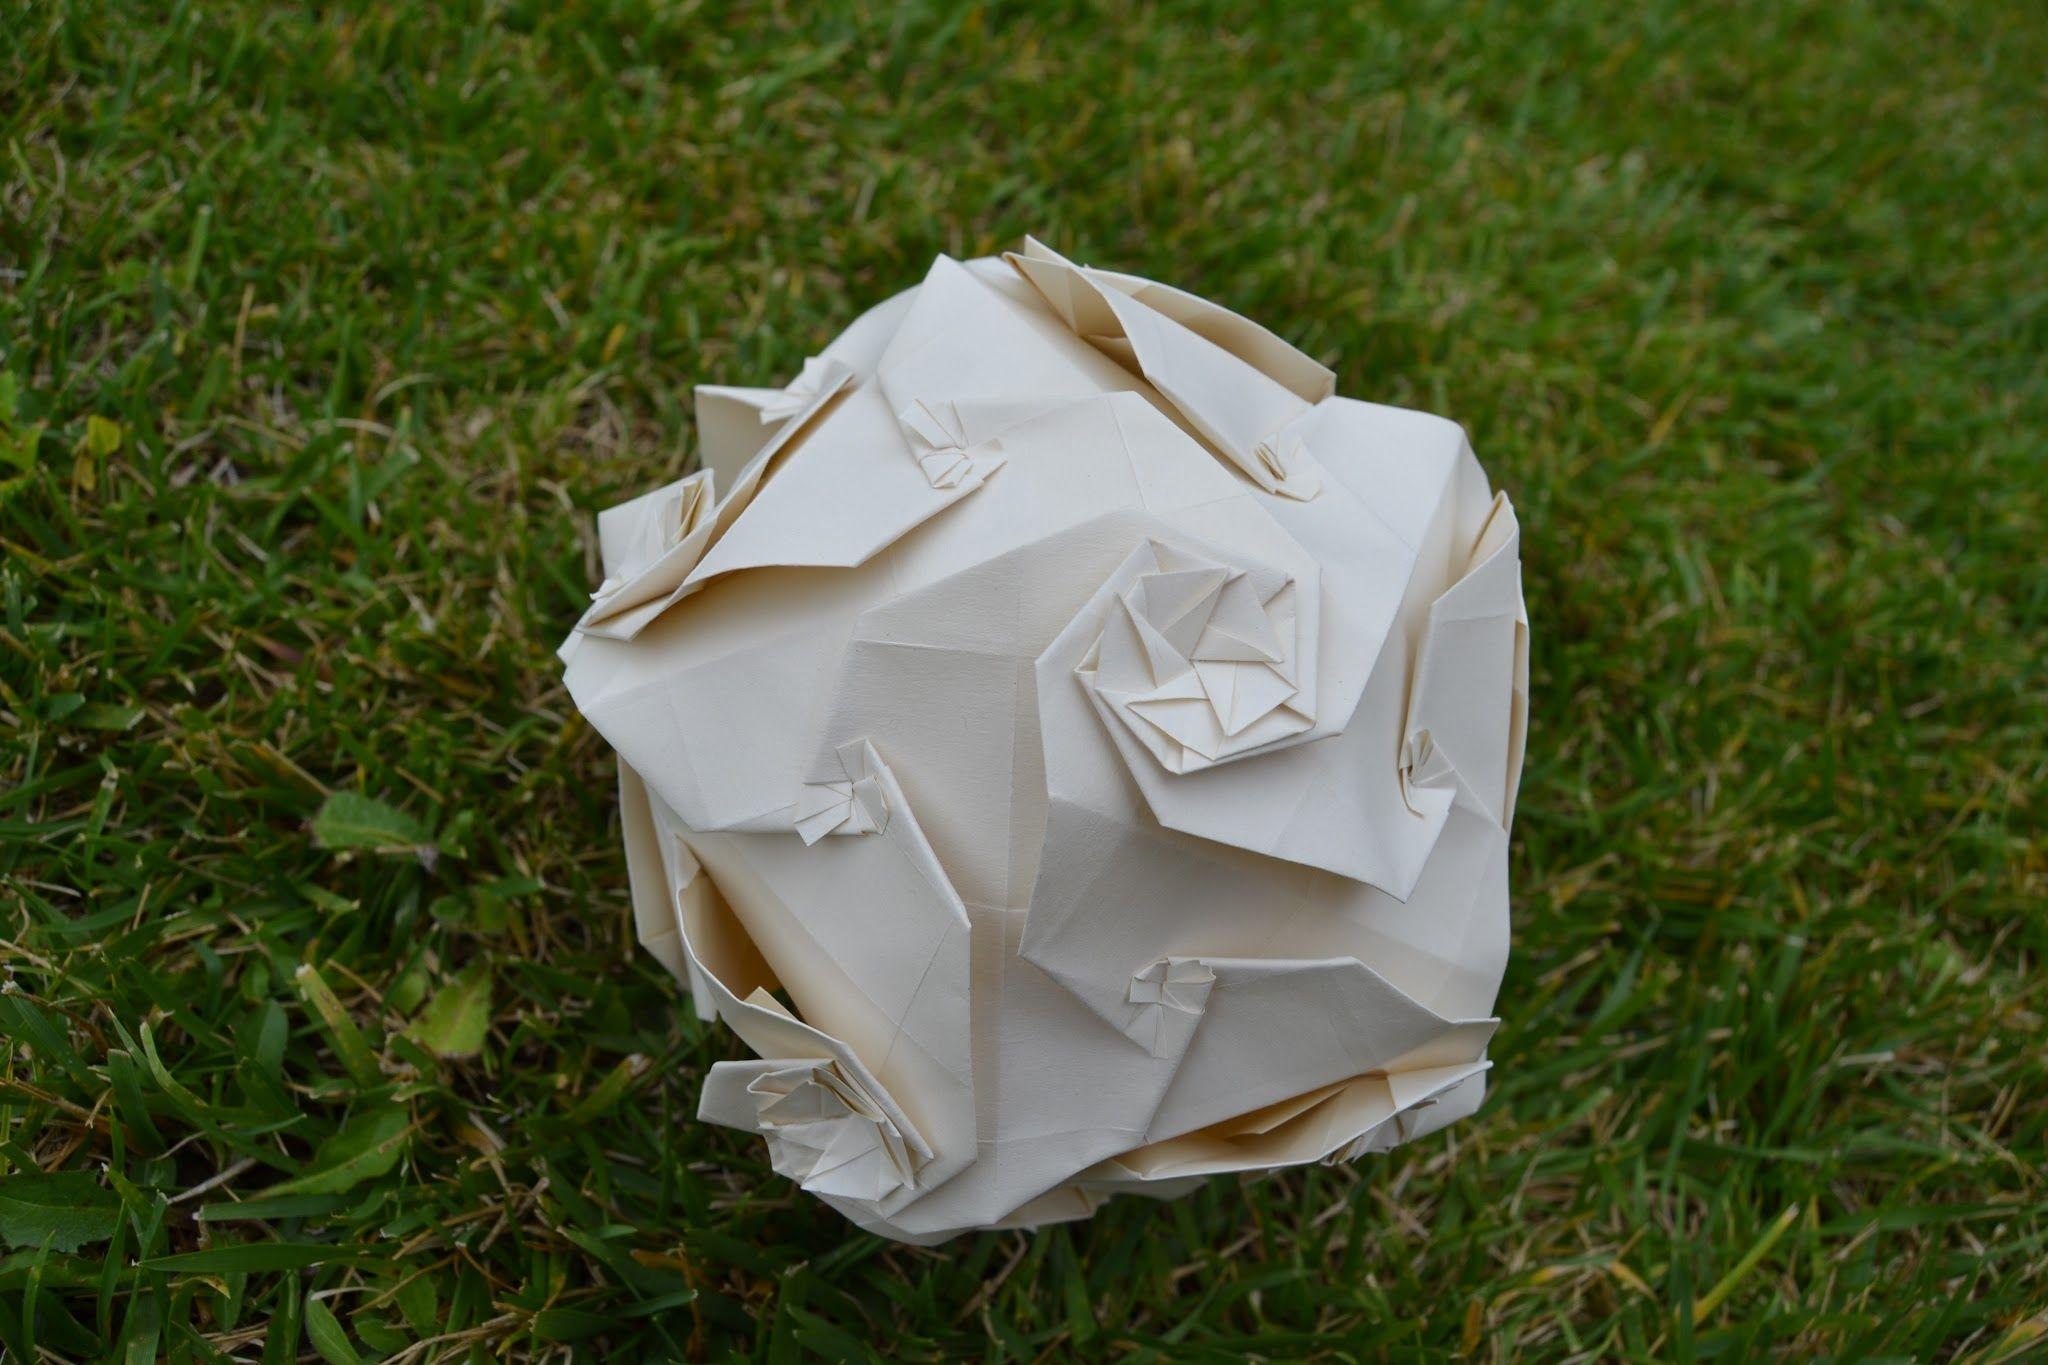 白い折り紙ボール。  W H I T E O R I G A M I B A L L. > origami sphere art ball white paper